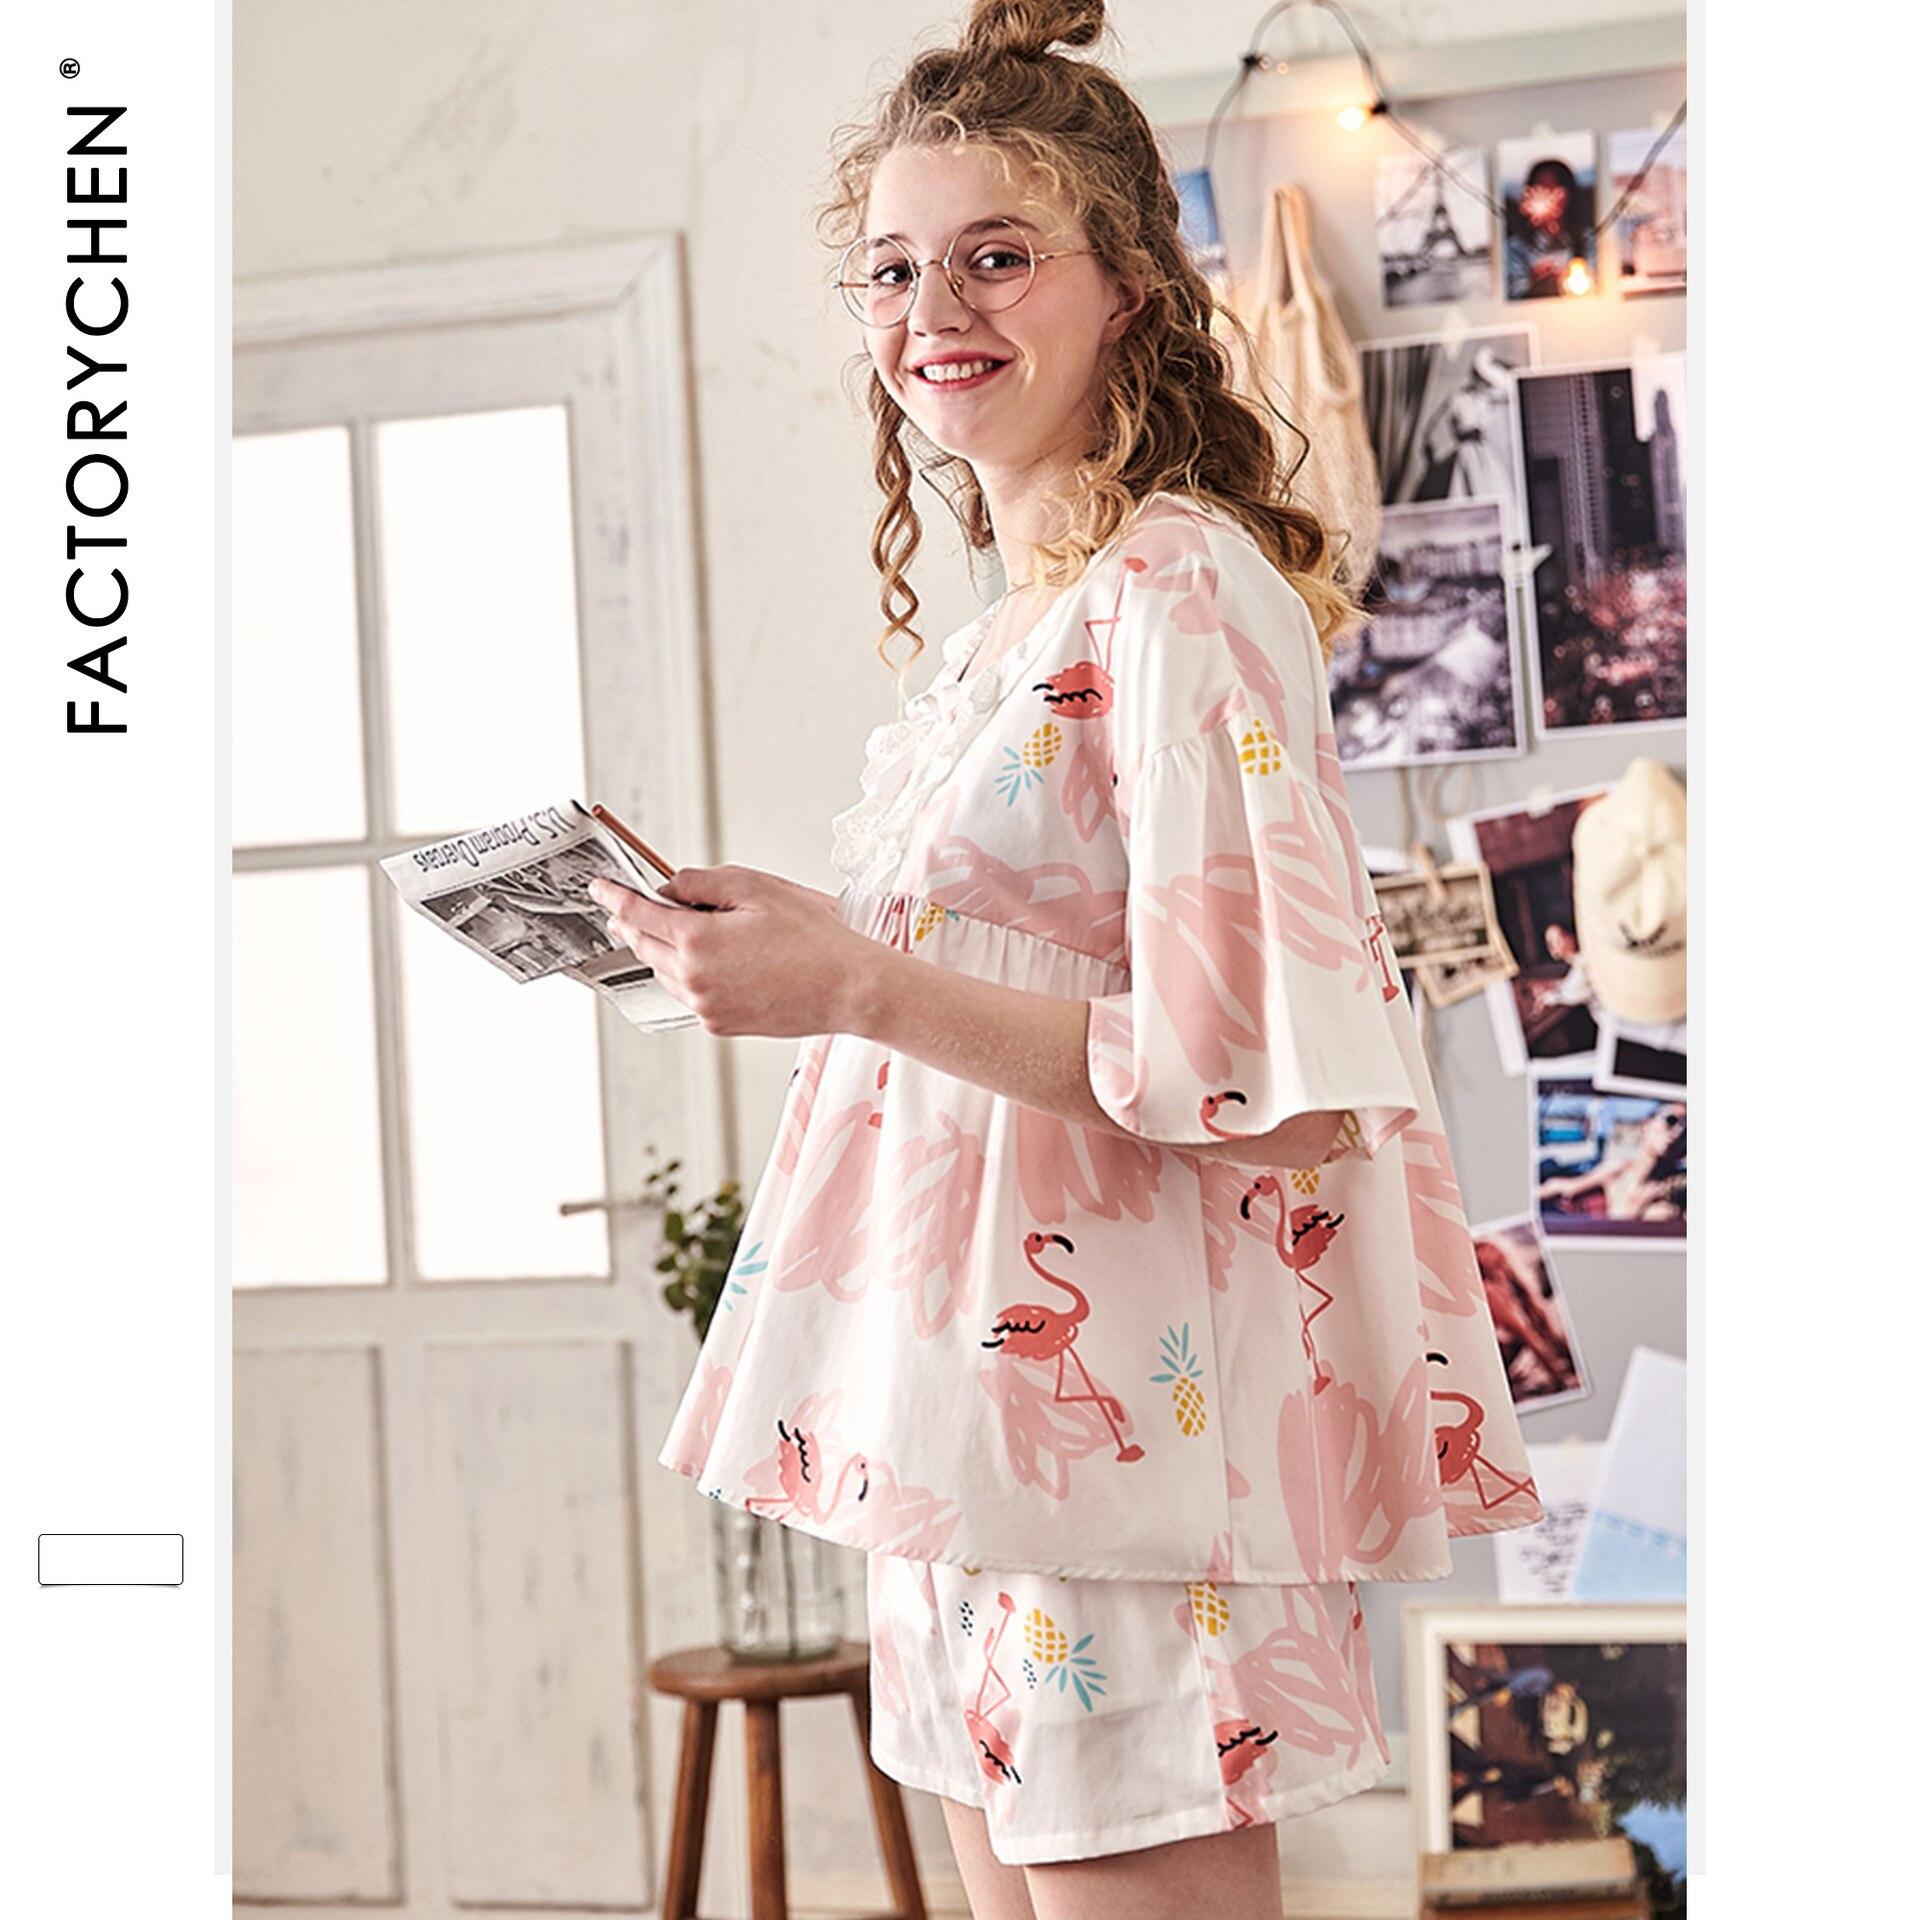 Image 3 - Свободные женские пижамы с коротким рукавом и рисунком фламинго, летние шорты, пижама с v образным вырезом, пижама с принтом, домашняя одежда для сна, комплект из 2 предметов-in Комплекты пижам from Нижнее белье и пижамы on AliExpress - 11.11_Double 11_Singles' Day